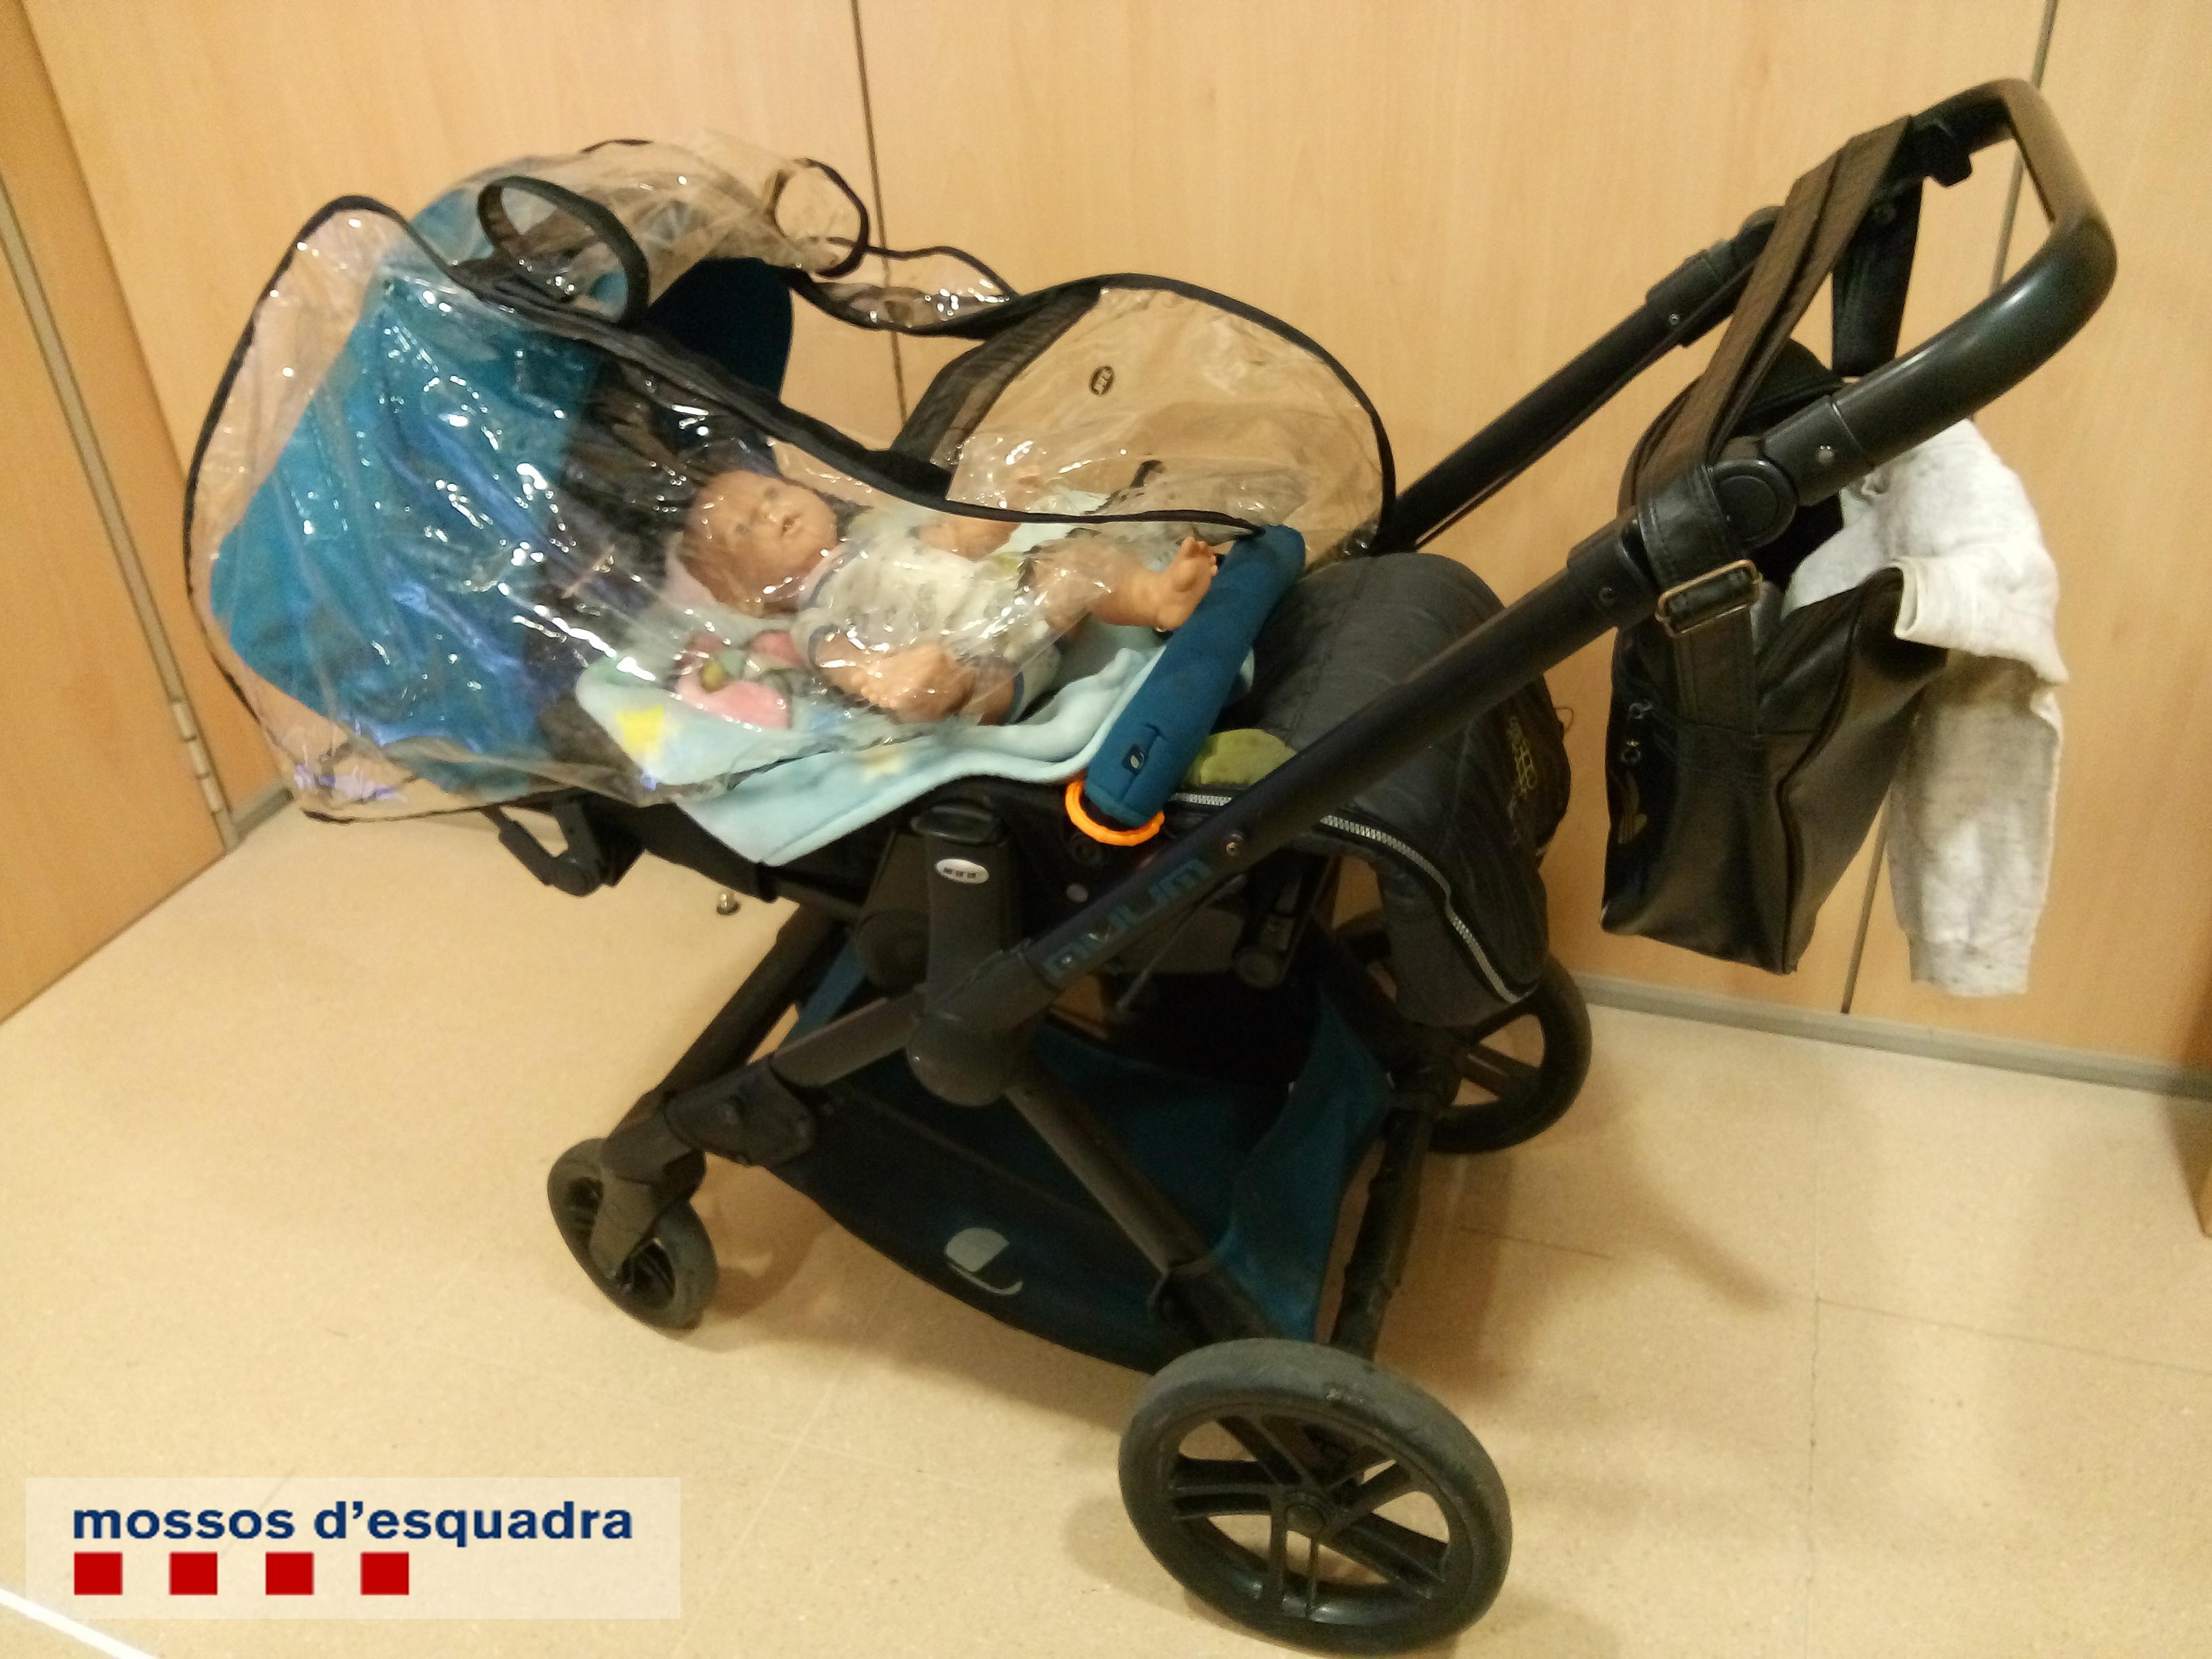 Detinguda una dona que intentava endur-se mòbils d'alta gamma amagats en un cotxet de nadó d'una botiga de Gavà